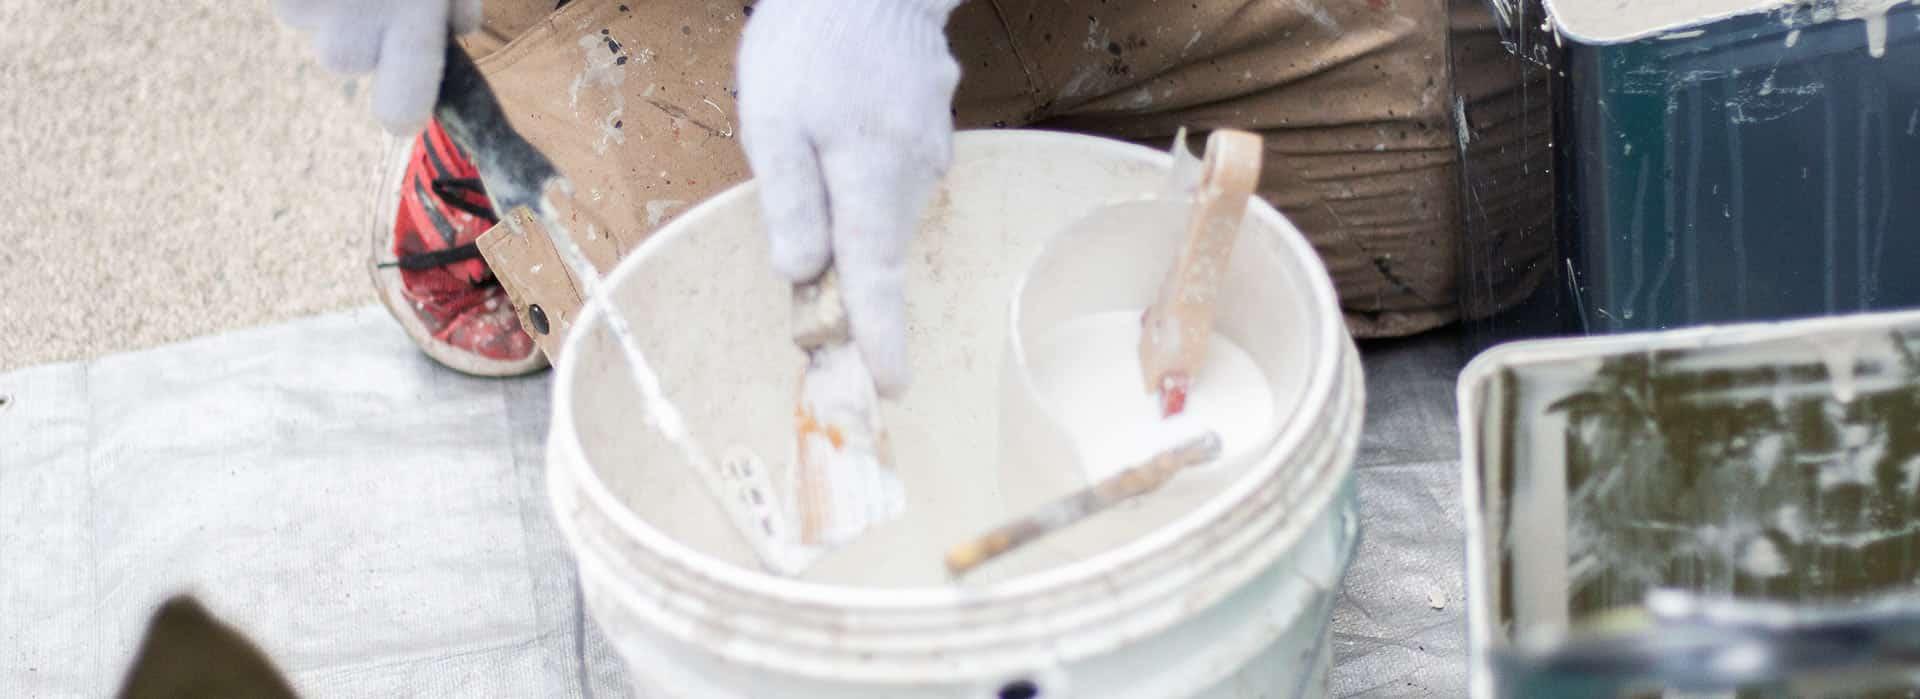 平野区の塗装業者「池本塗装」の塗装工事に関する料金・費用について